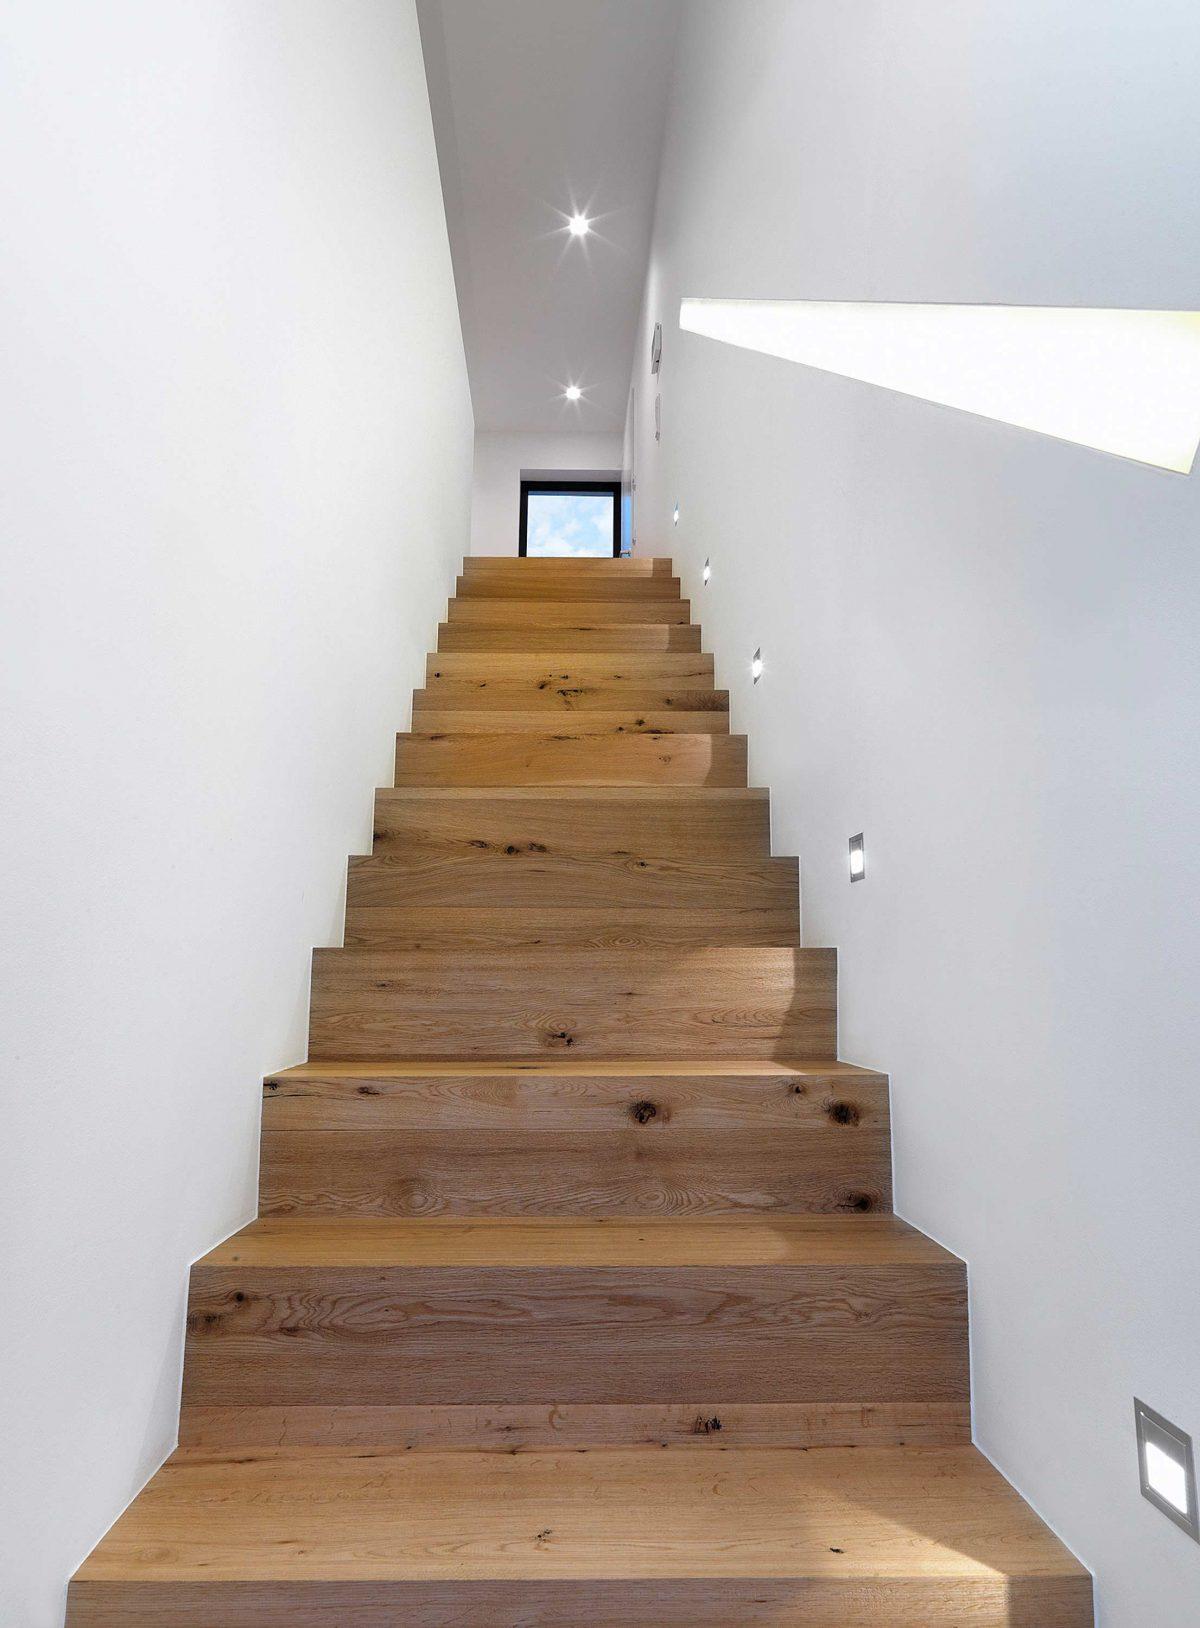 Die gerade Treppe mit Echtholzverkleidung und abschnittsweisen LED-Strahlern im Einfamilienhaus